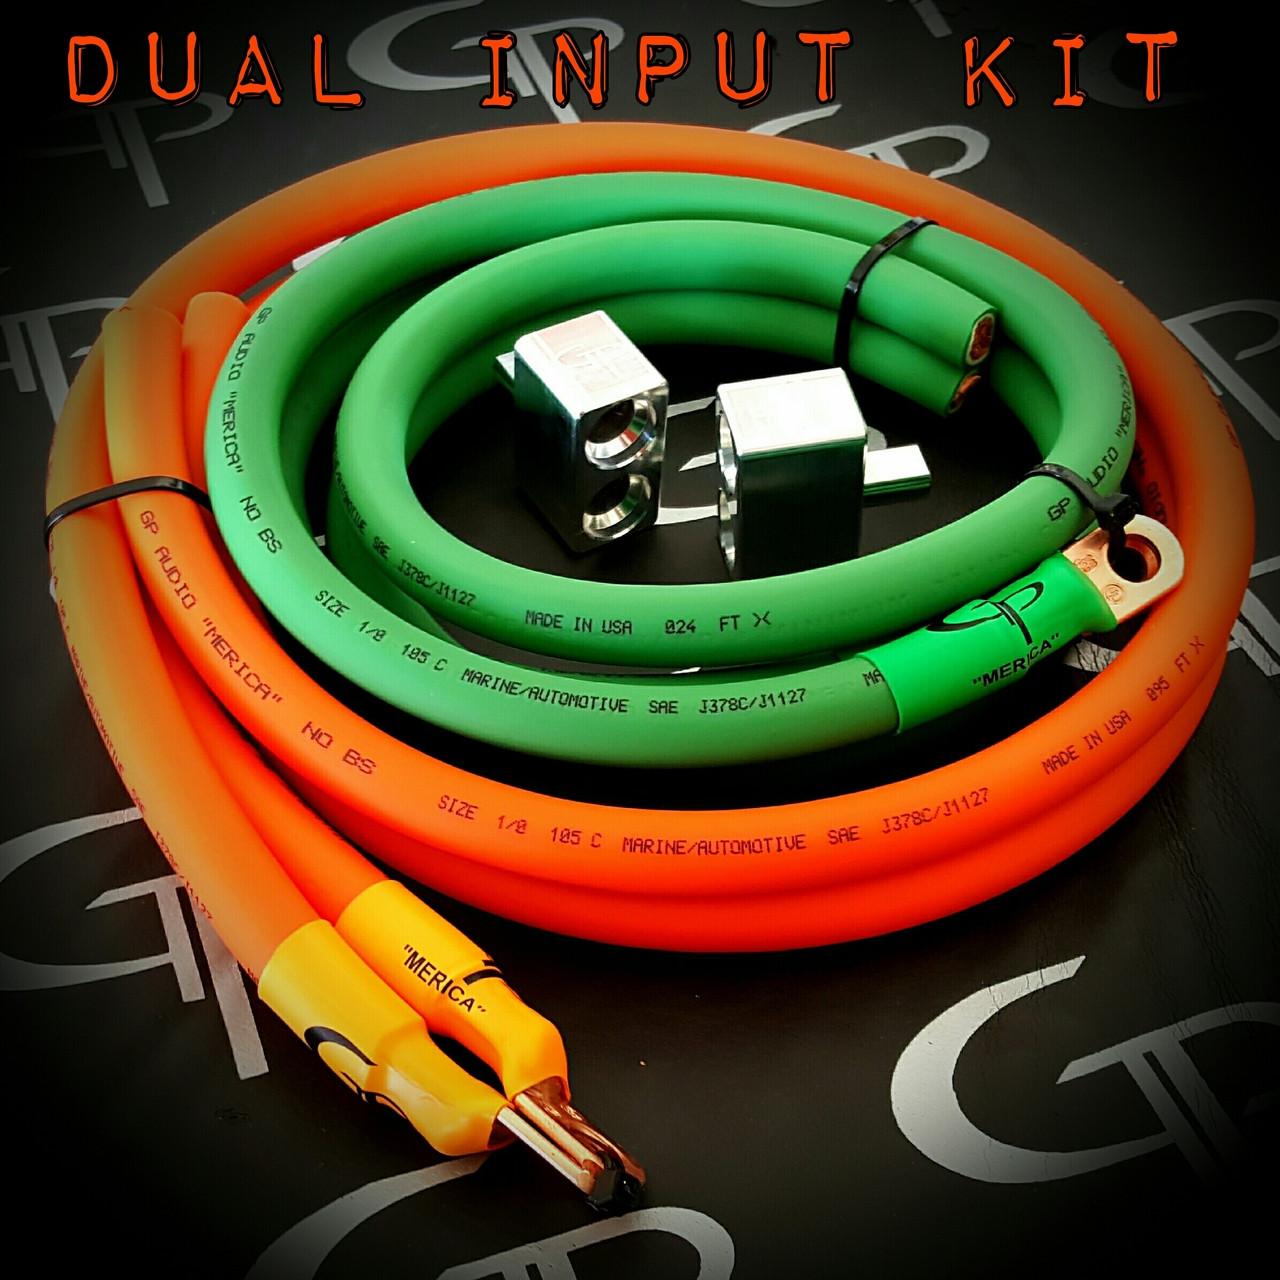 1/0 Dual Input Kit